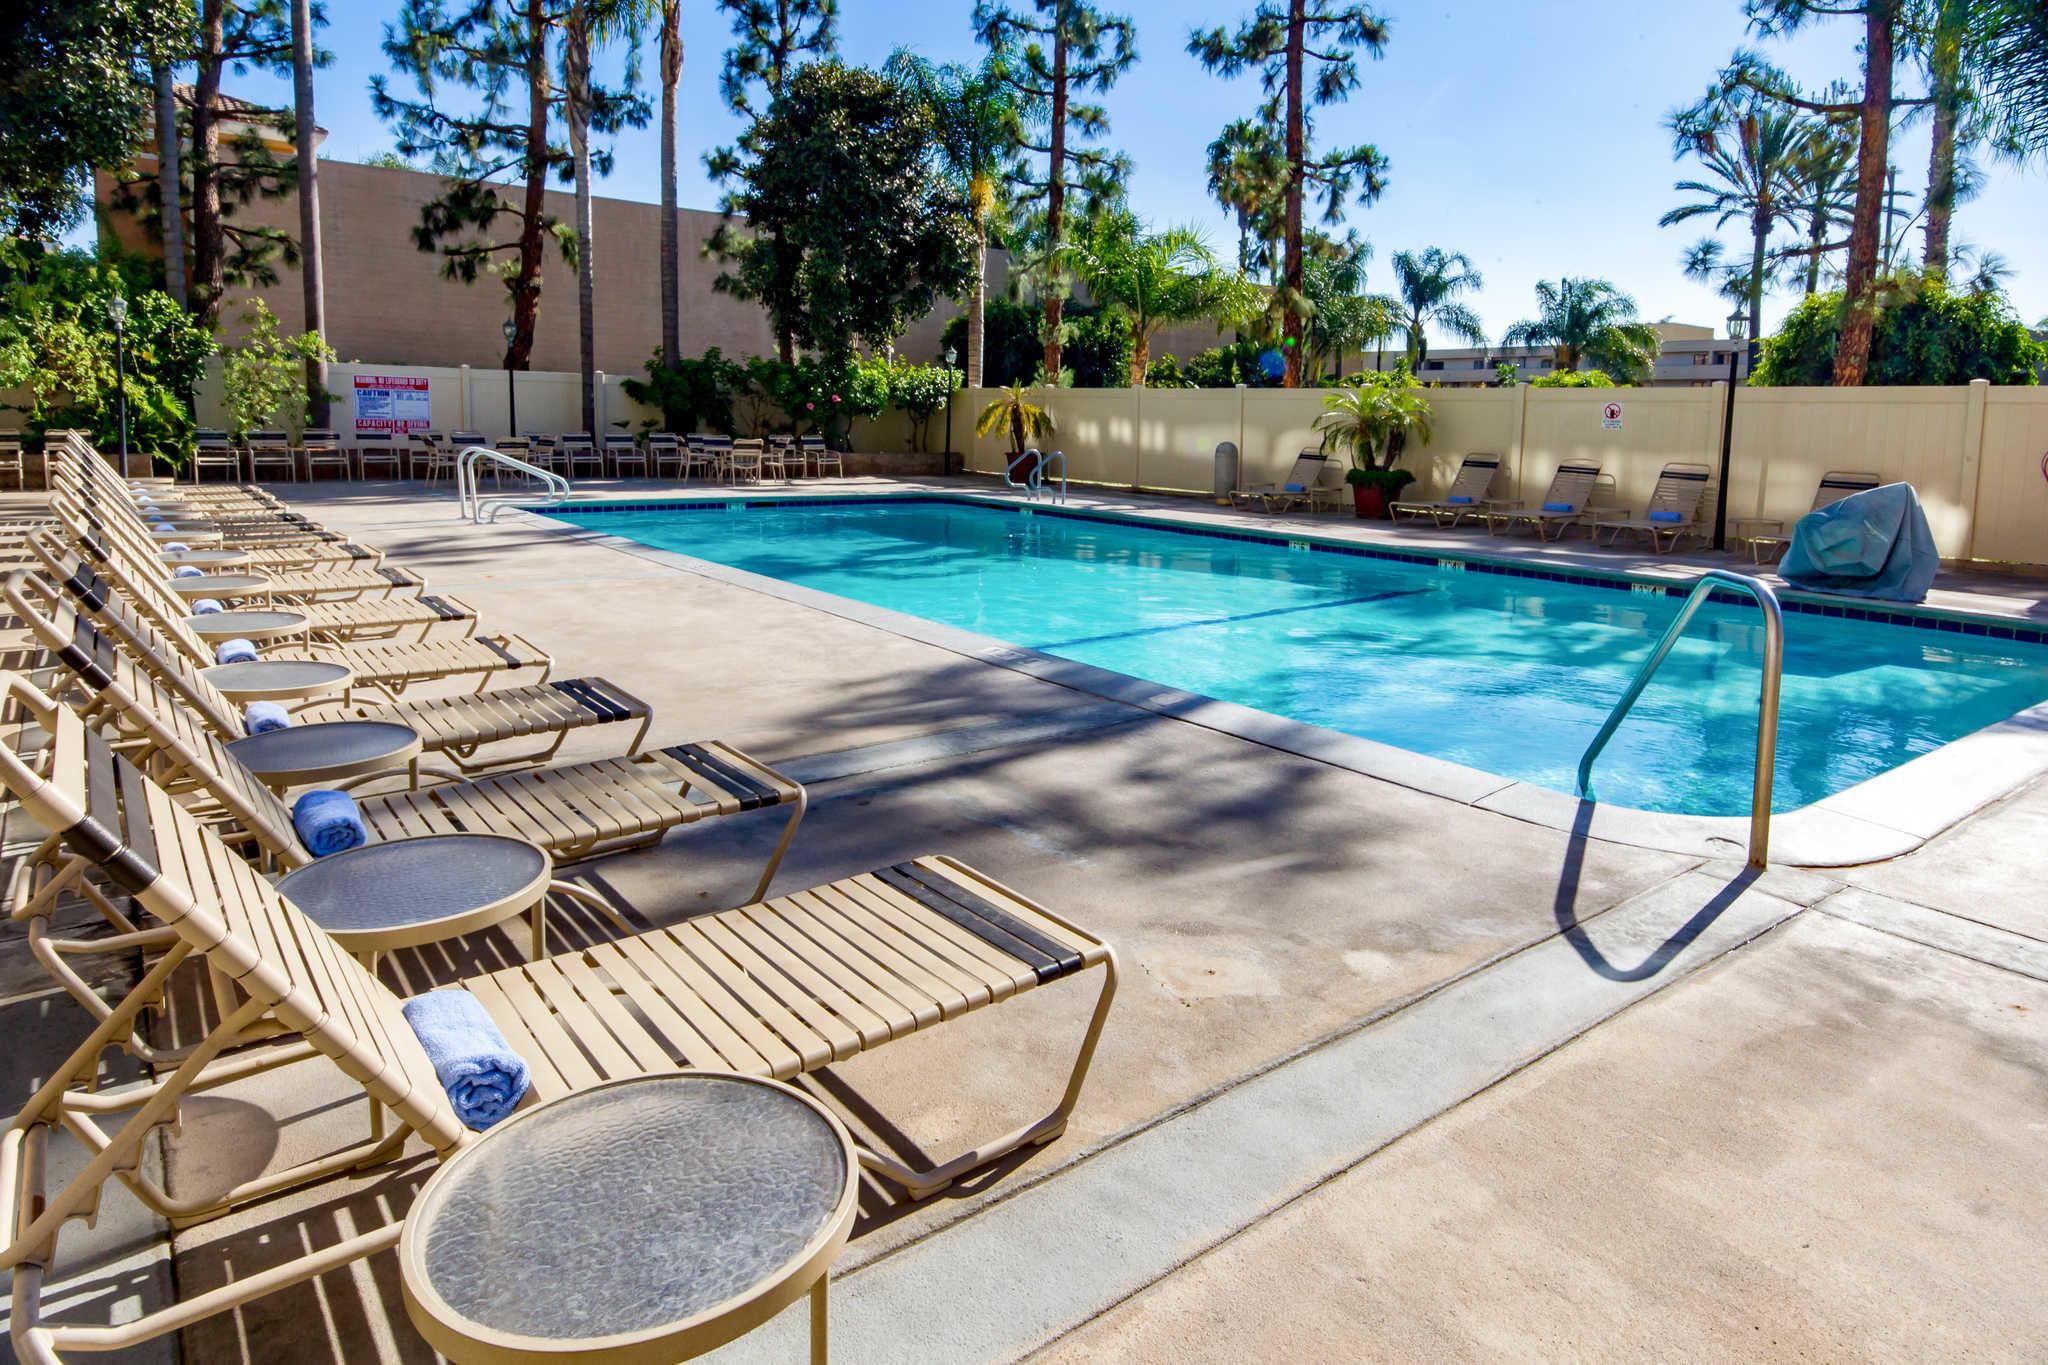 Clarion Hotel Anaheim Resort image 18